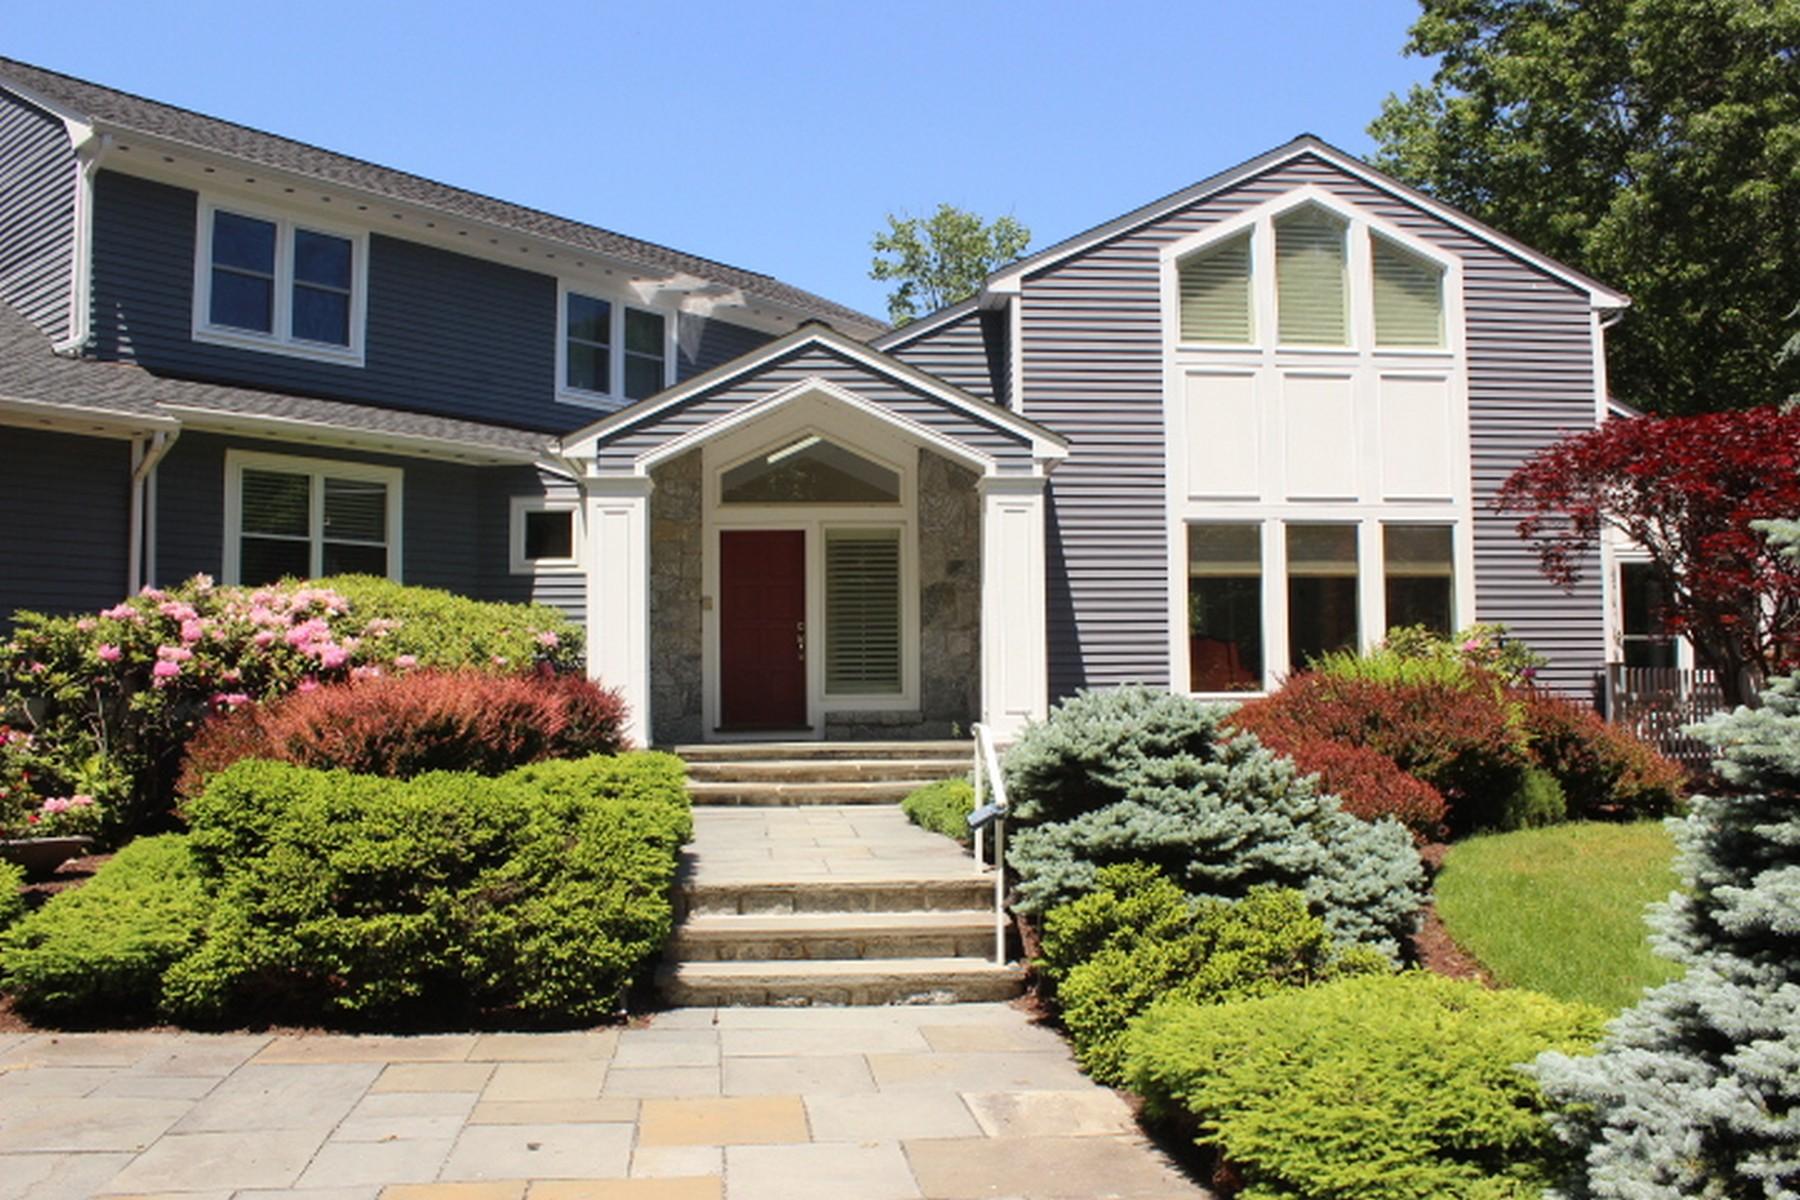 一戸建て のために 売買 アット Scenic Water Views 124 Partrick Avenue Norwalk, コネチカット, 06851 アメリカ合衆国